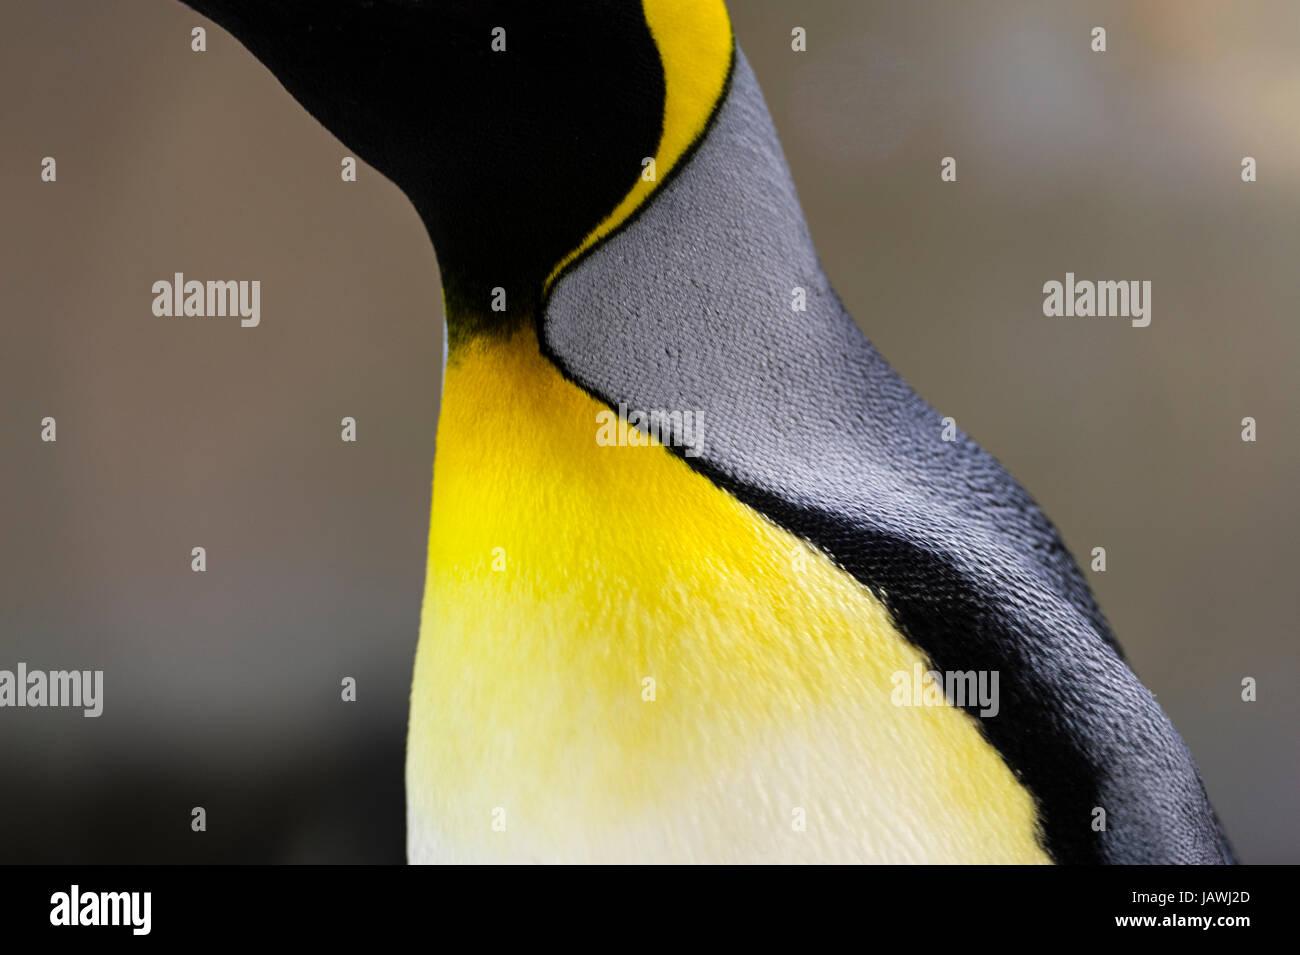 Colore giallo-arancio piumaggio piuma sul petto di un pinguino reale. Immagini Stock